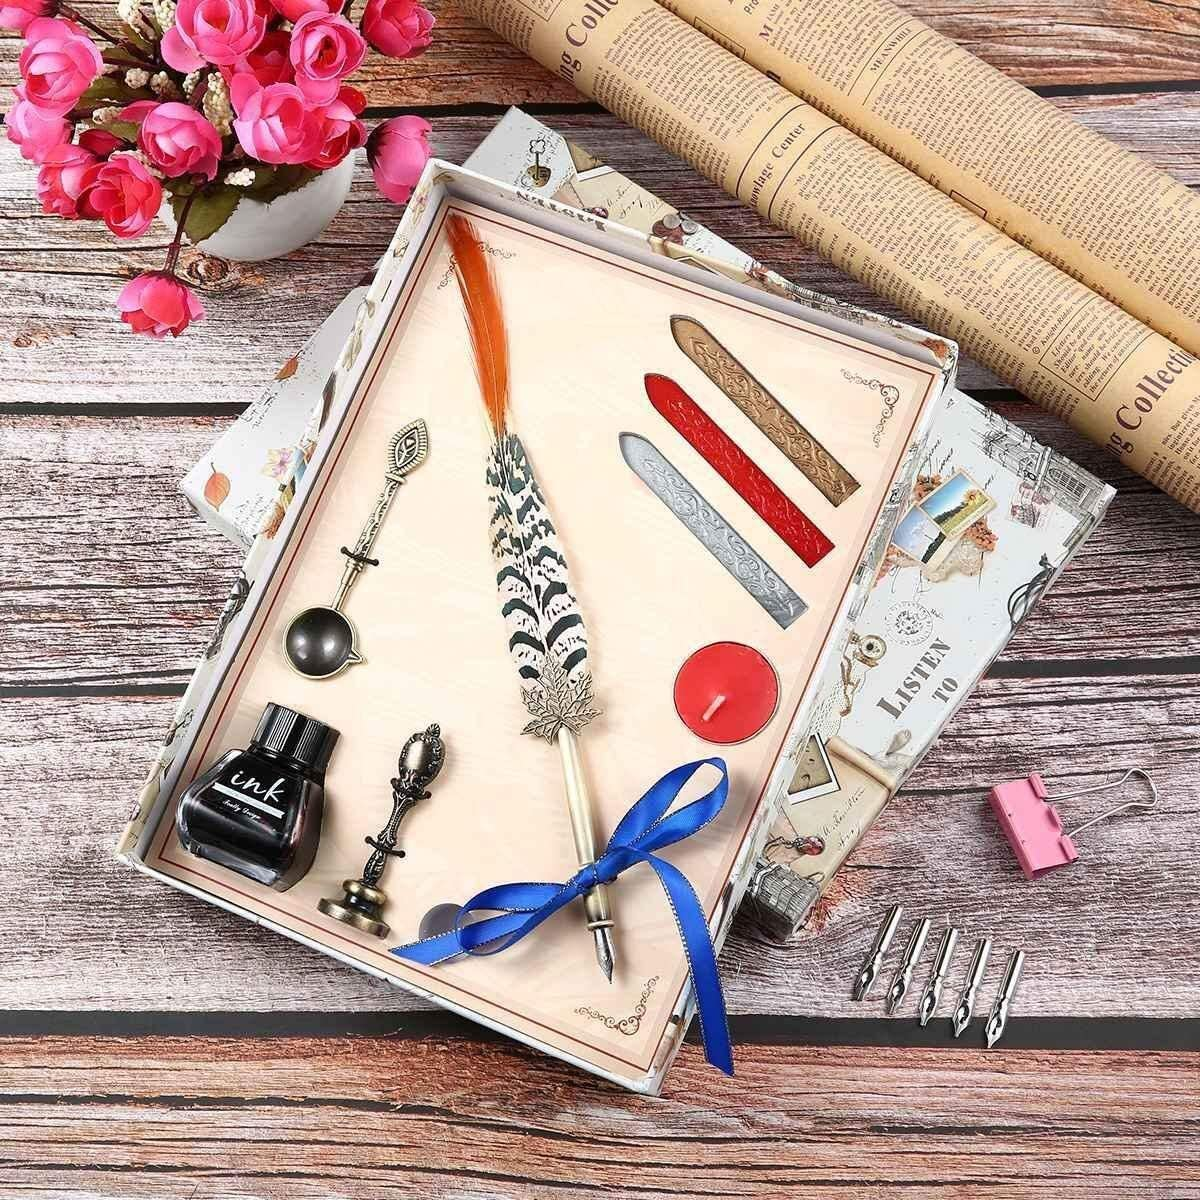 Stylo dindentation Plume Quill Pen et stylo plume Plume Set avec 6 plumes European Medieval Vintage plume plume stylos calligraphie cadeau coffret blanc Outil de sculpture